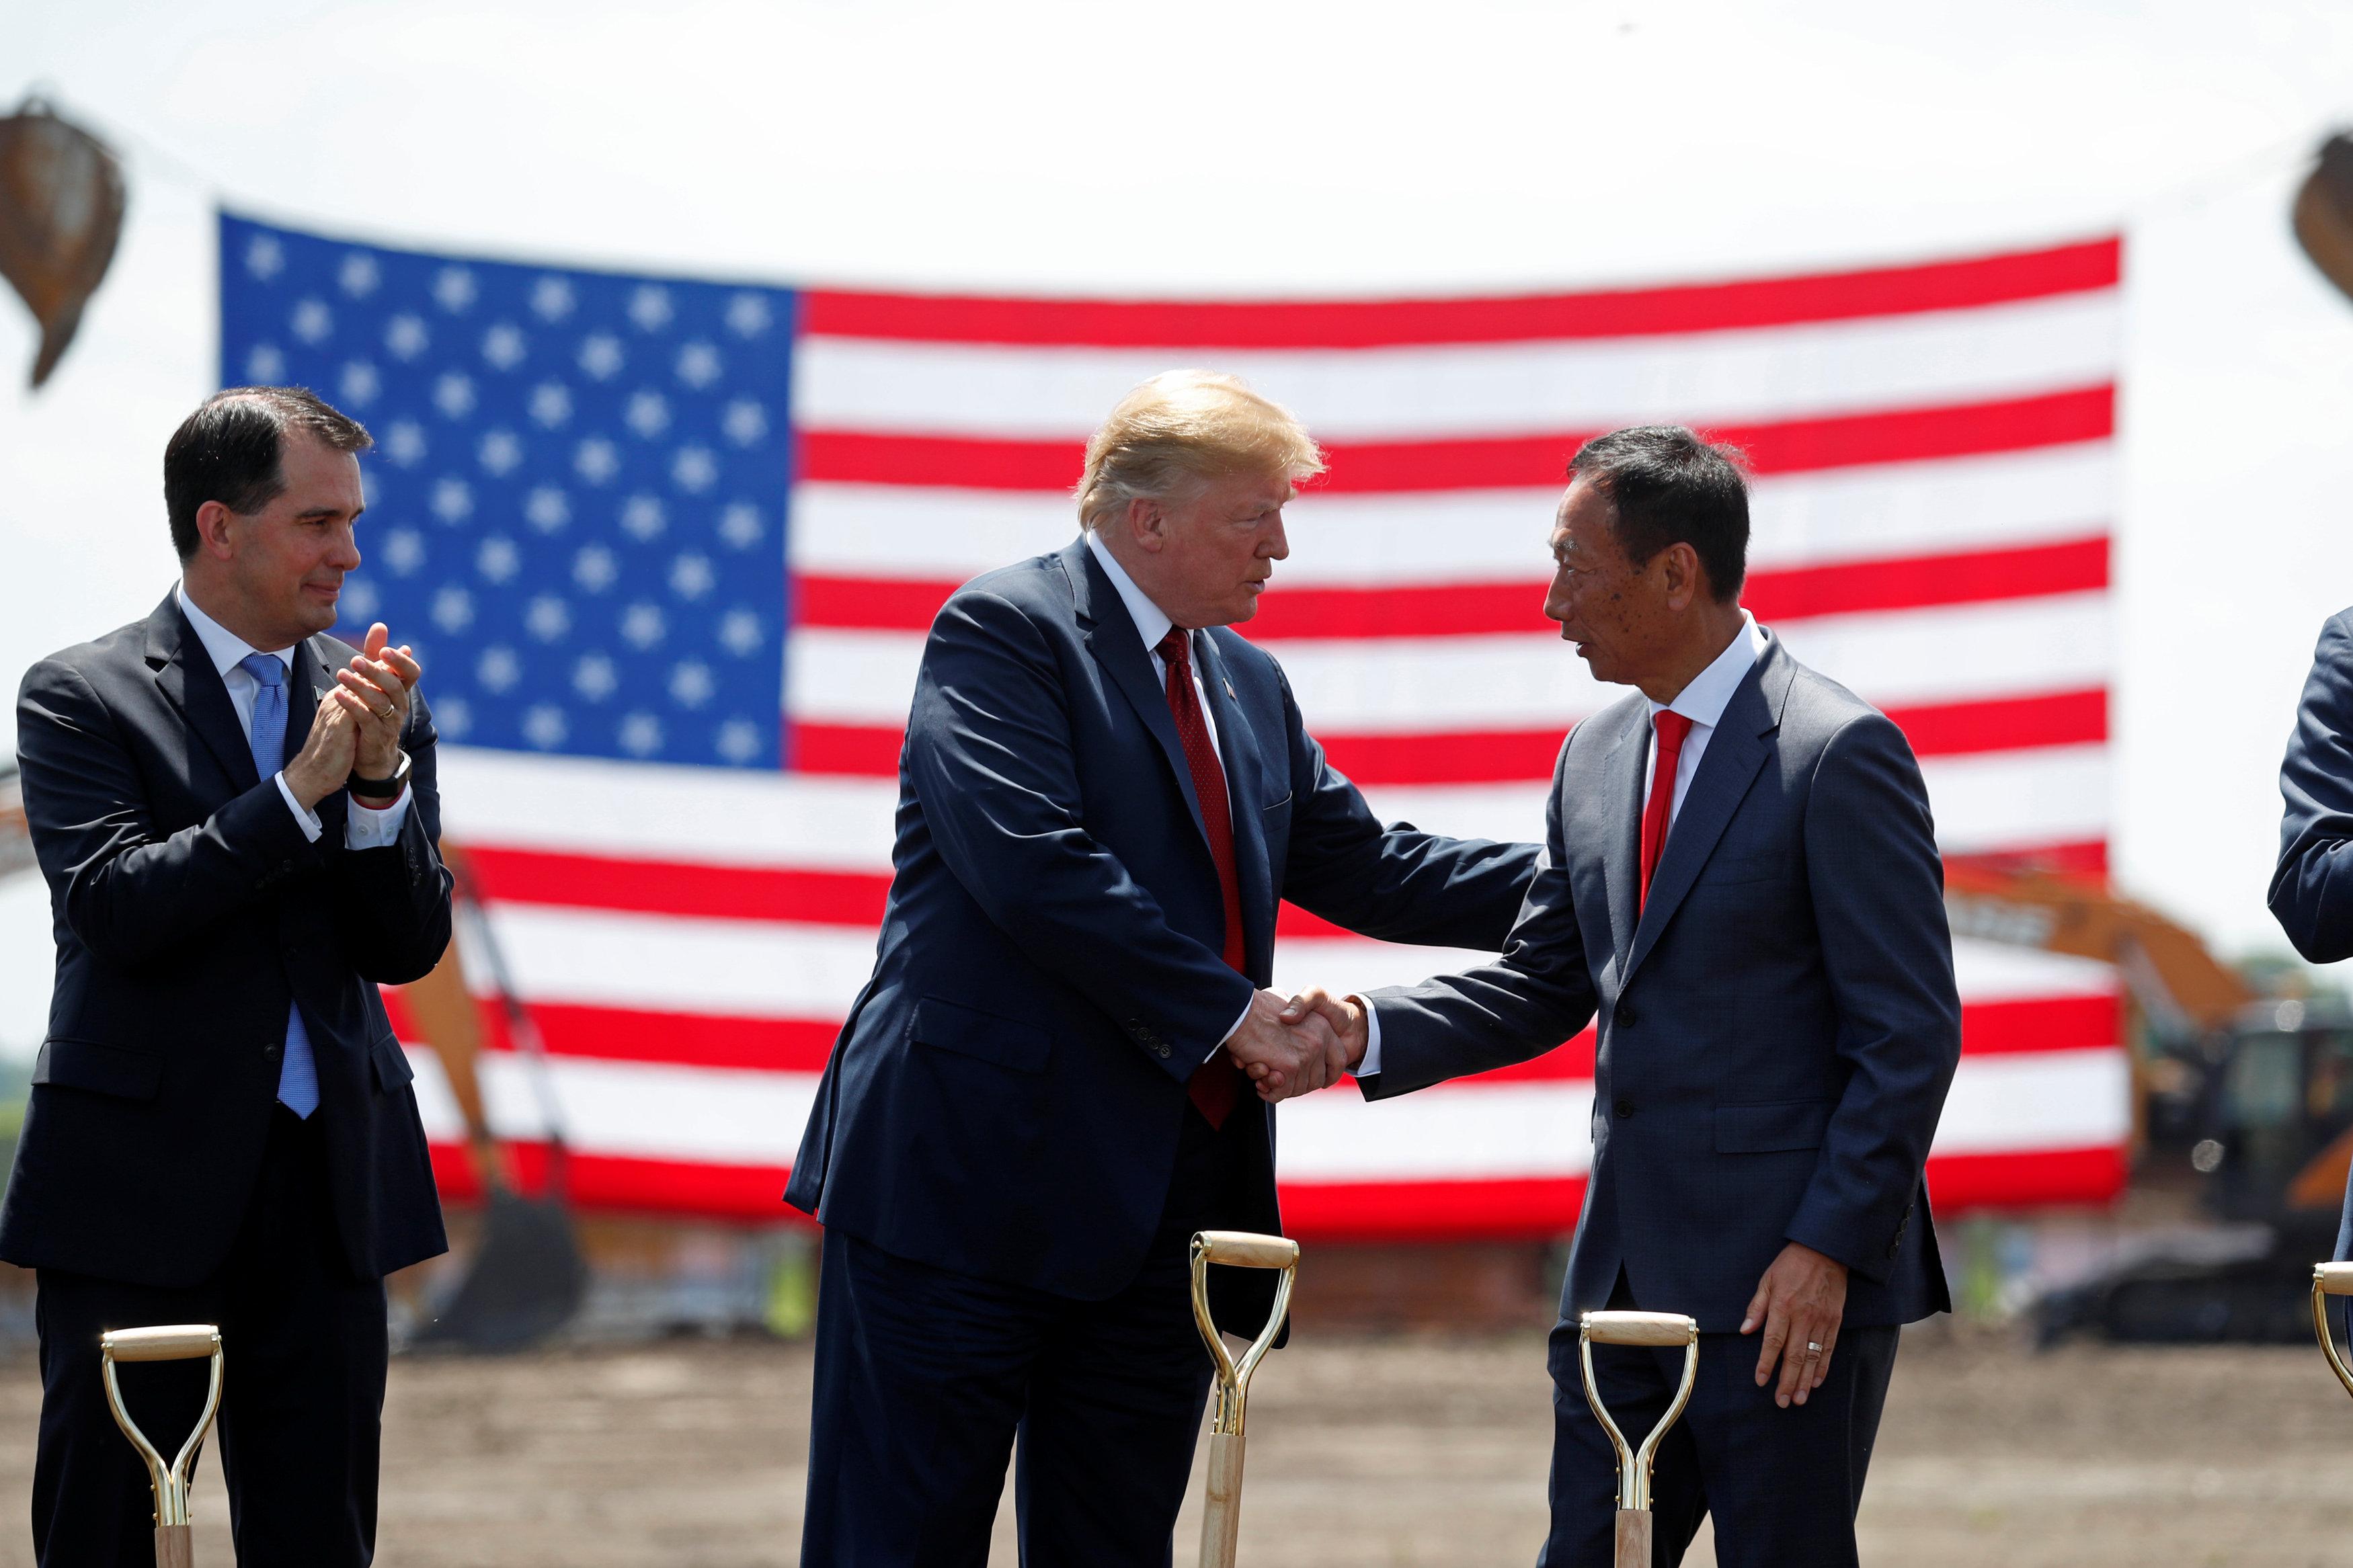 川普總統(中)飛往威斯康辛州,為富士康美國園區動土,並與鴻海董事長郭台銘握手,左為威州州長沃克。(路透)